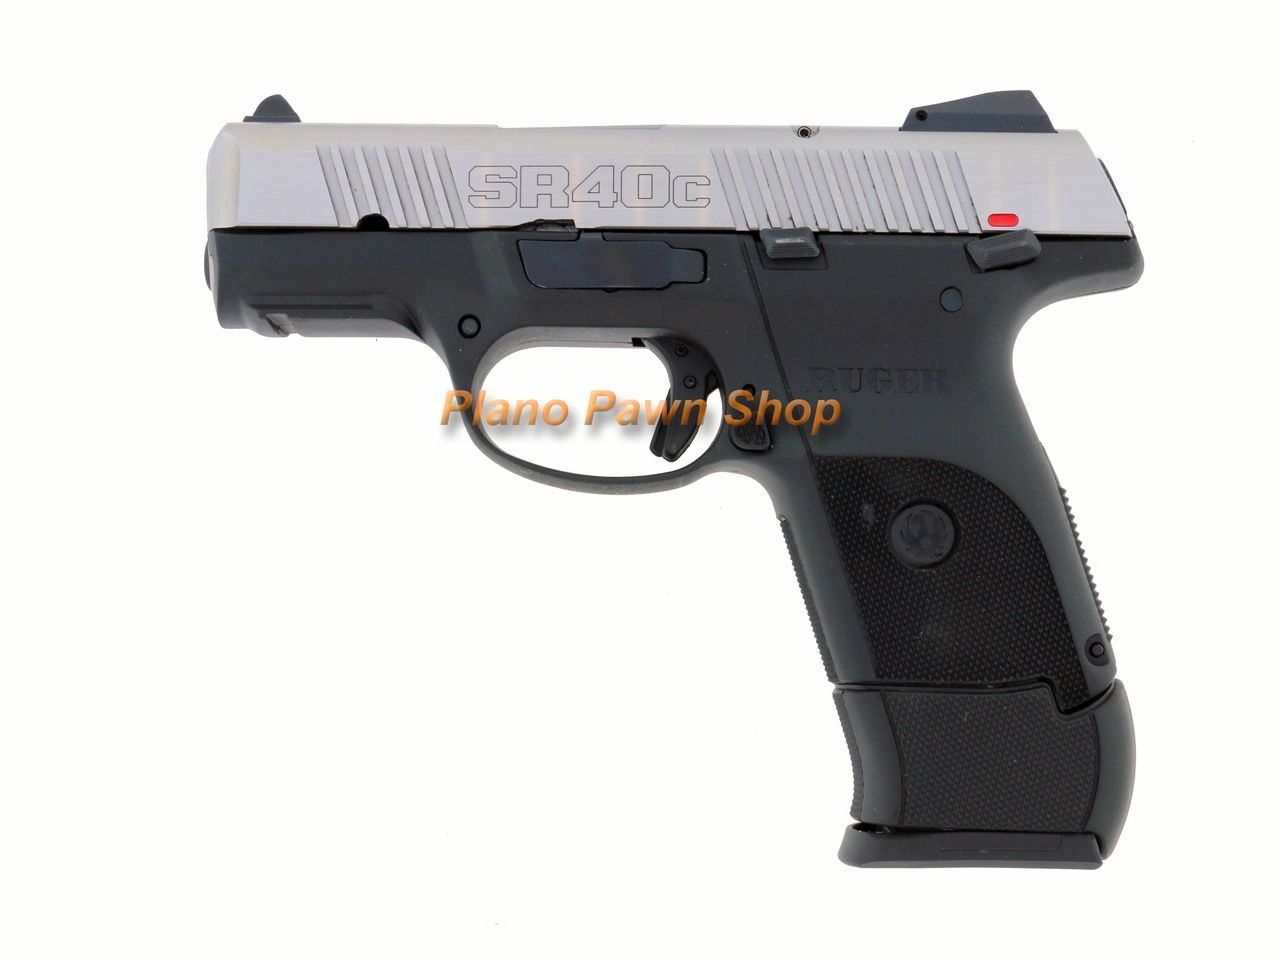 Shop guns online